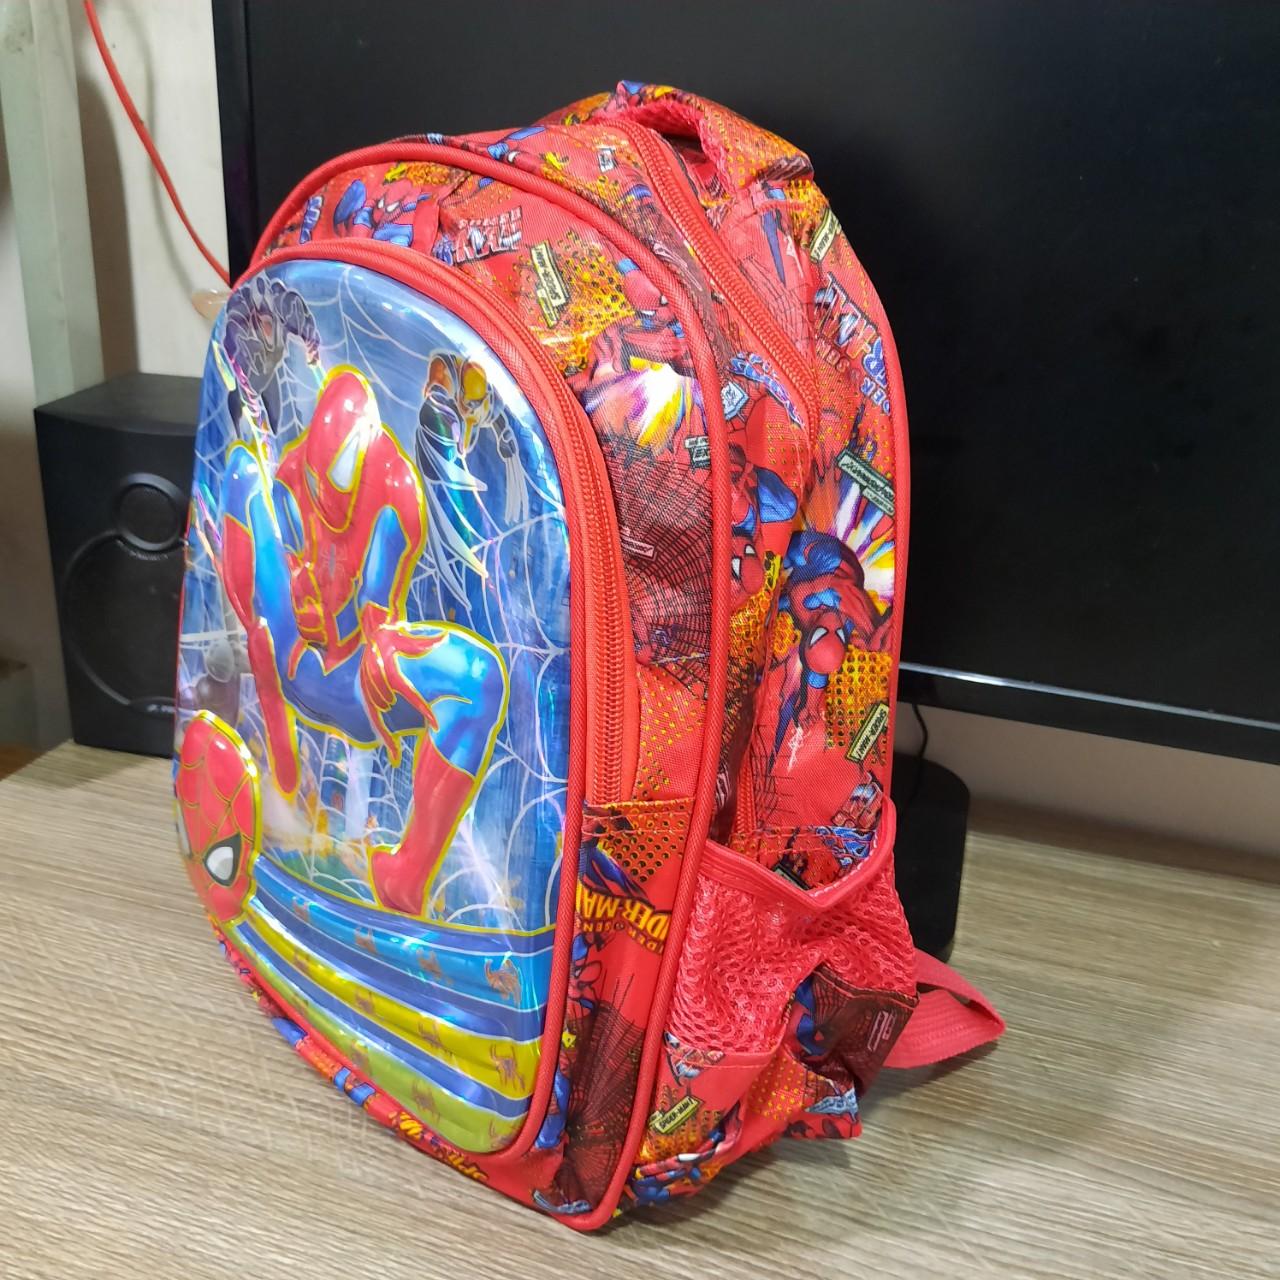 balo mẫu giáo đến lớp 1 cho bé trai cao cấp thời trang KS2 Shalla (balo mẫu giáo gia sỉ rẻ)